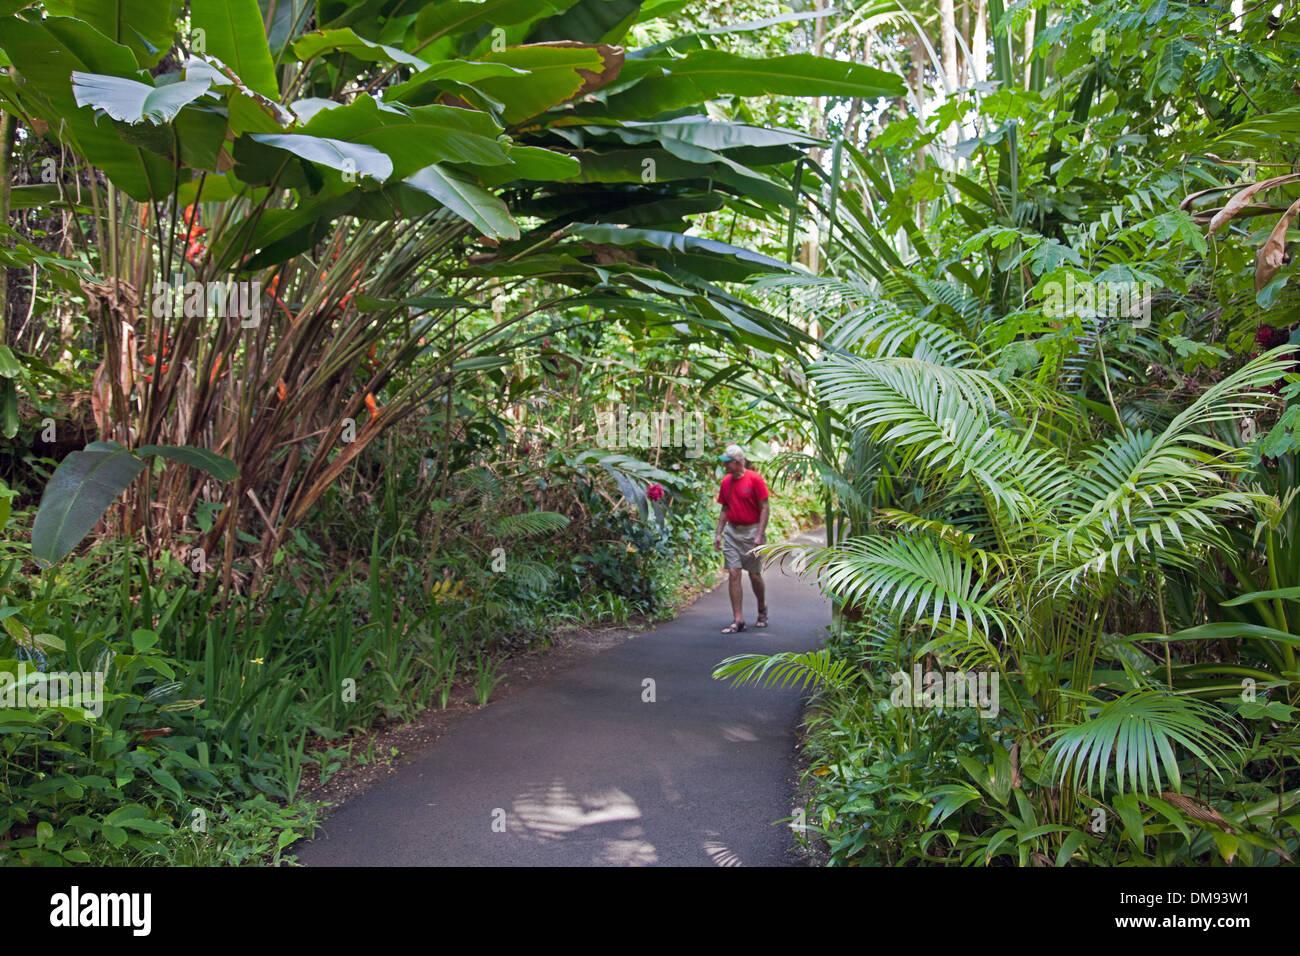 Hawaii Tropicale Giardino Botanico è un 37 acri di preservare la natura e il santuario di Onomea Bay, a nord di Hilo. Foto Stock